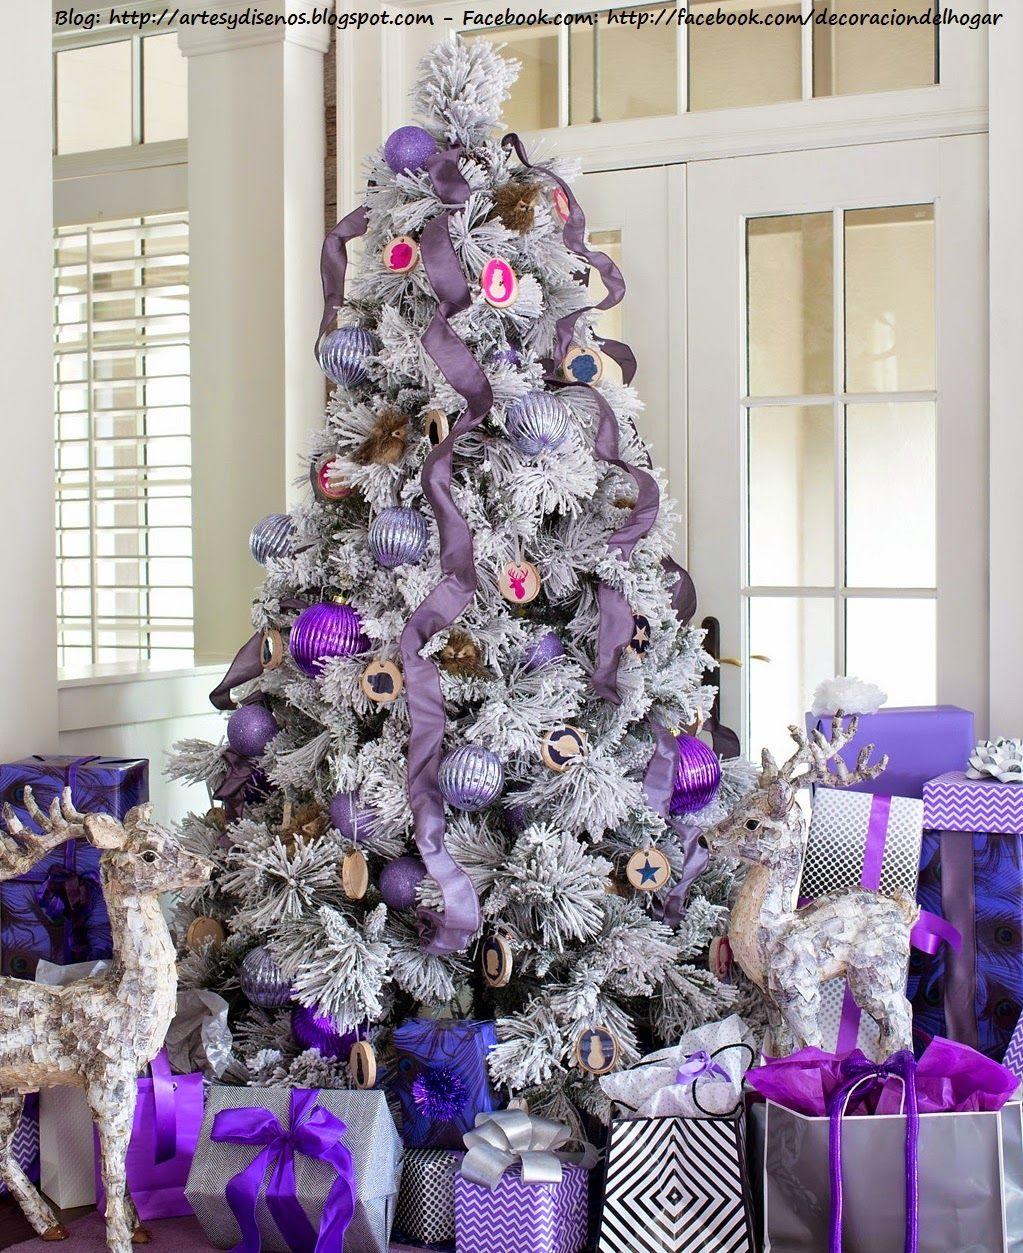 Decorar la casa para navidad con tonos lila violeta - Decoraciones del arbol de navidad ...